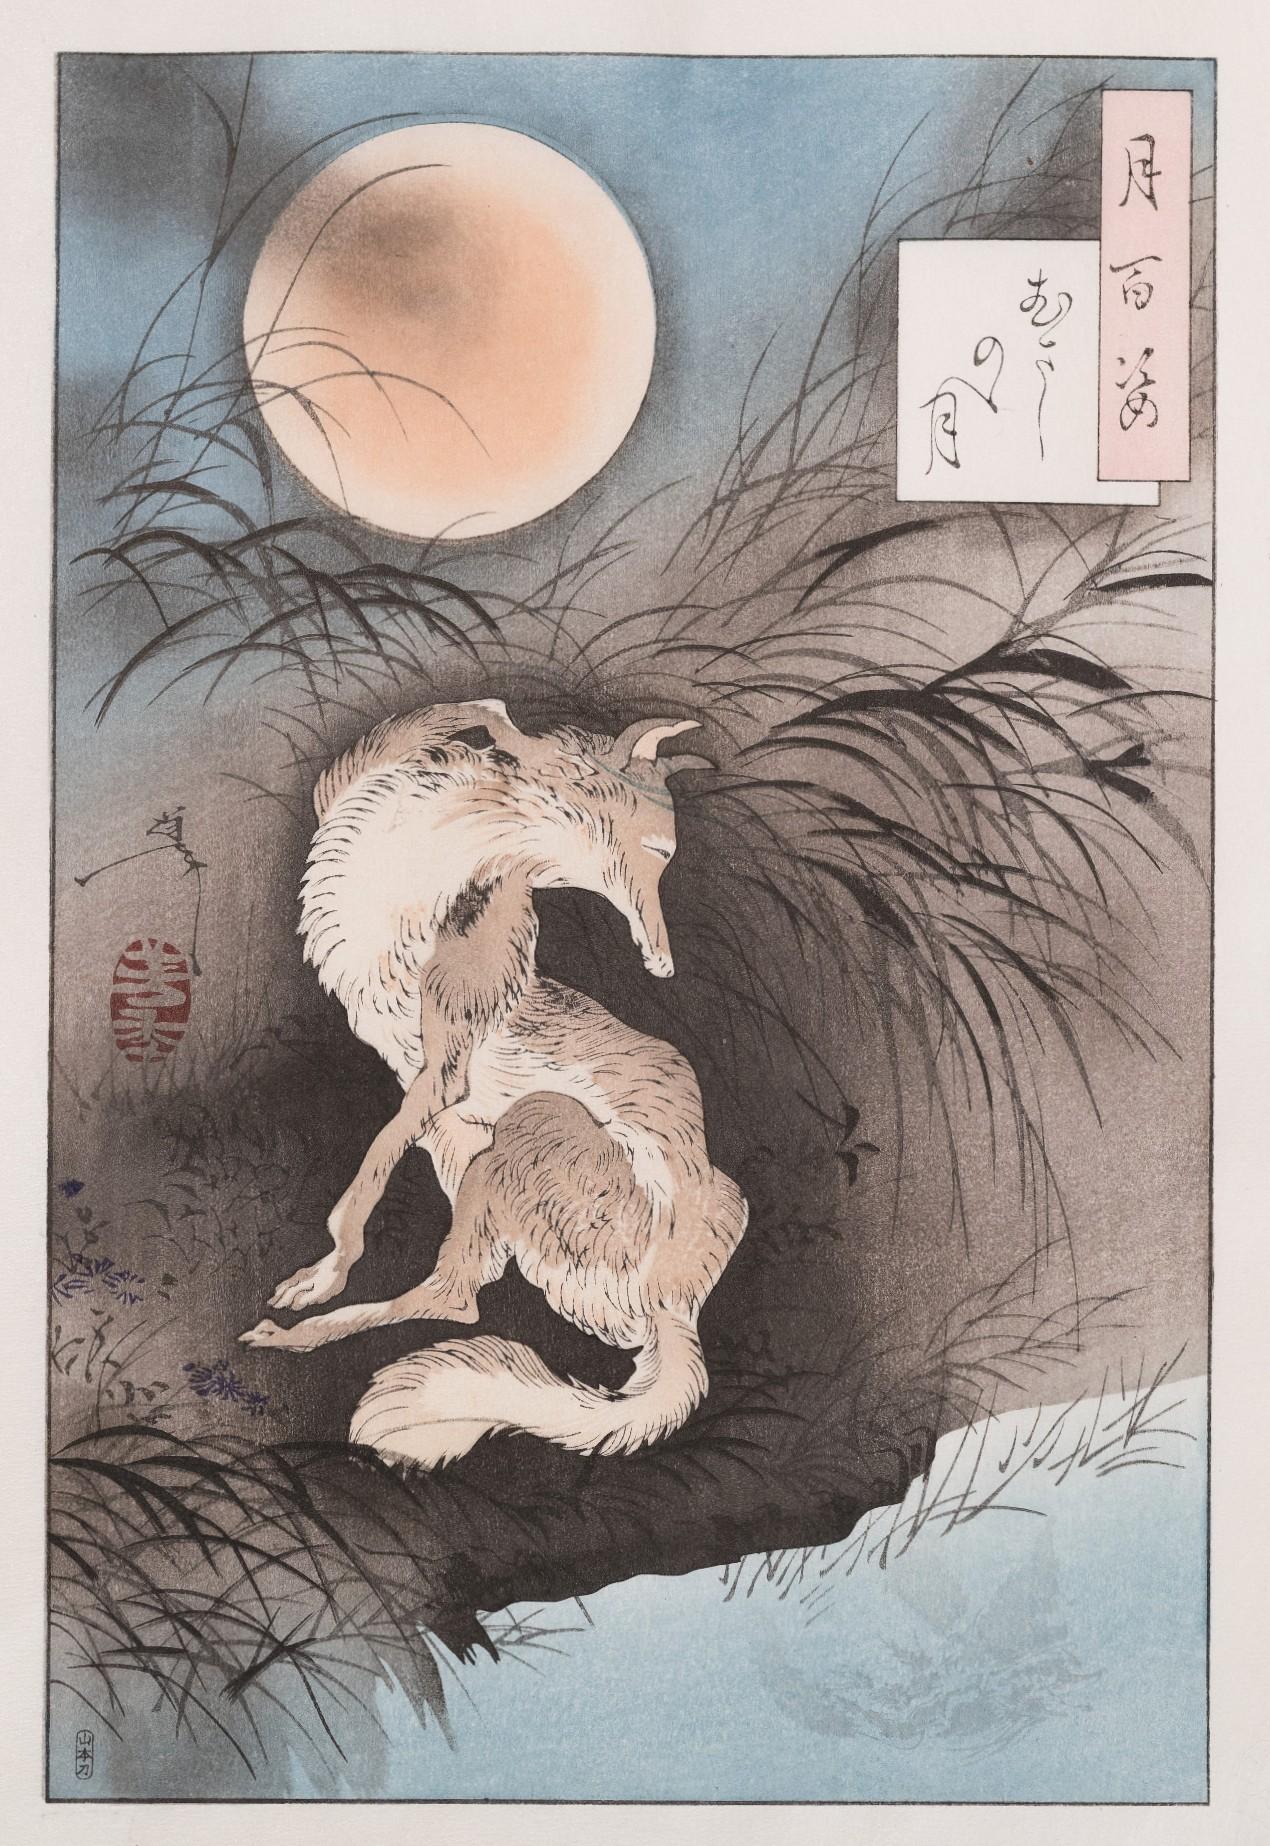 【Takahashi Kobo】 Un webinaire consacré aux « Cent aspects de la Lune » de Yoshitoshi Tsukioka, l'un des derniers artistes d'ukiyo-e, à l'occasion de la restauration de sept de ses estampes